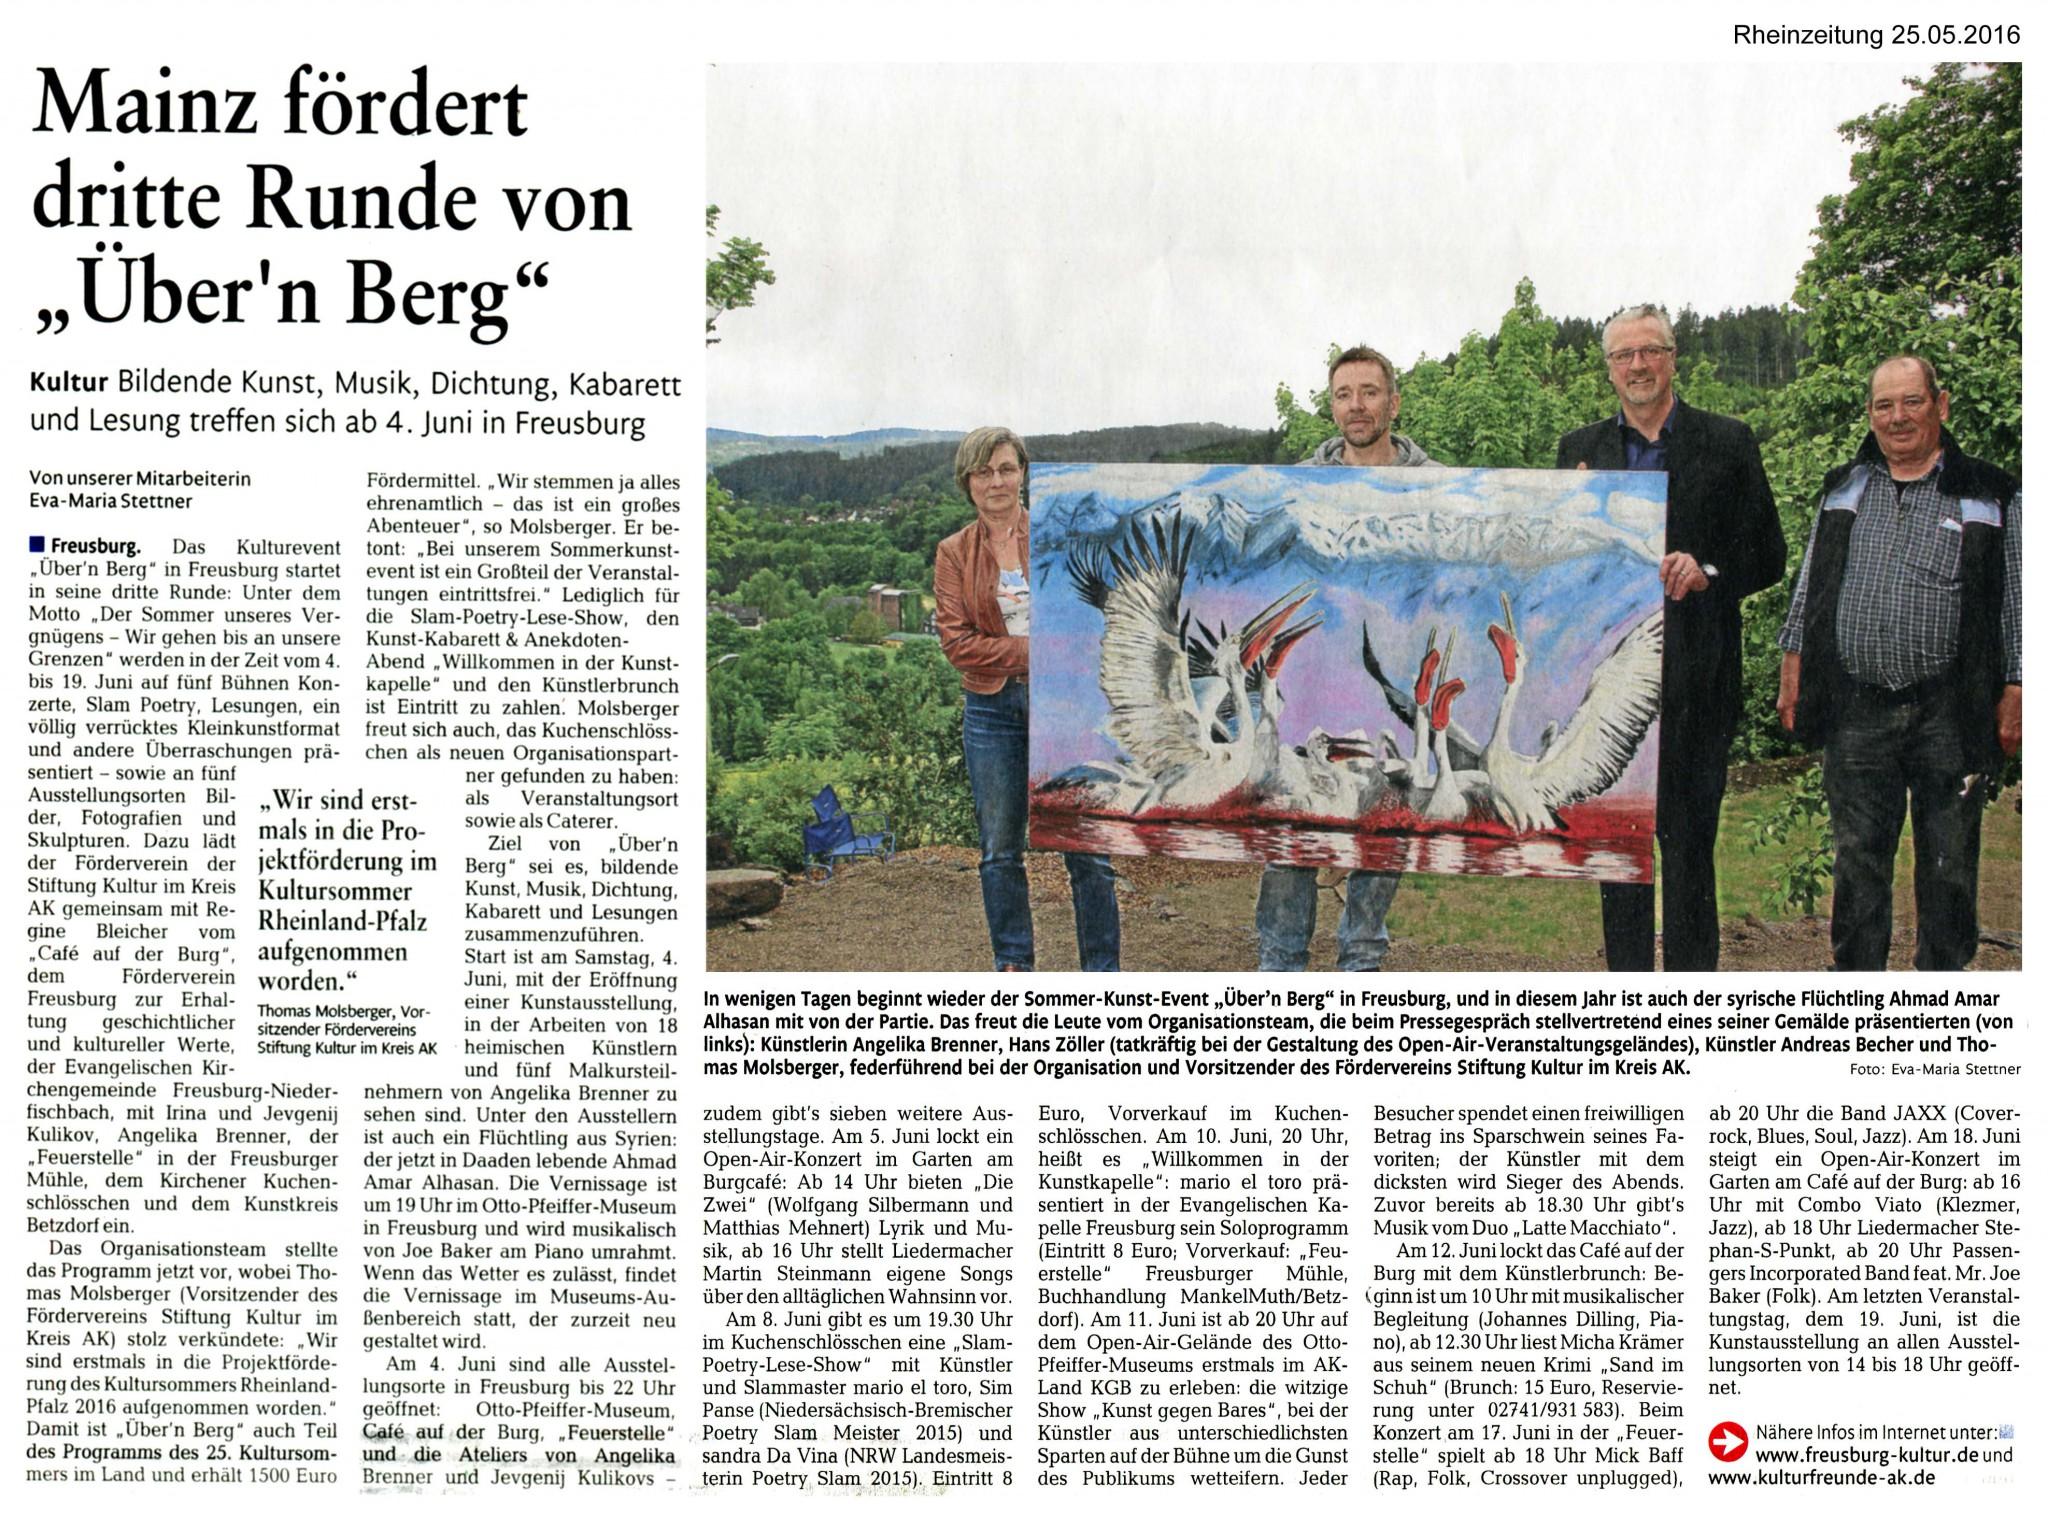 """Rhein-Zeitung, 25.05.2016, Mainz fördert dritte Runde von """"Über'n Berg"""""""